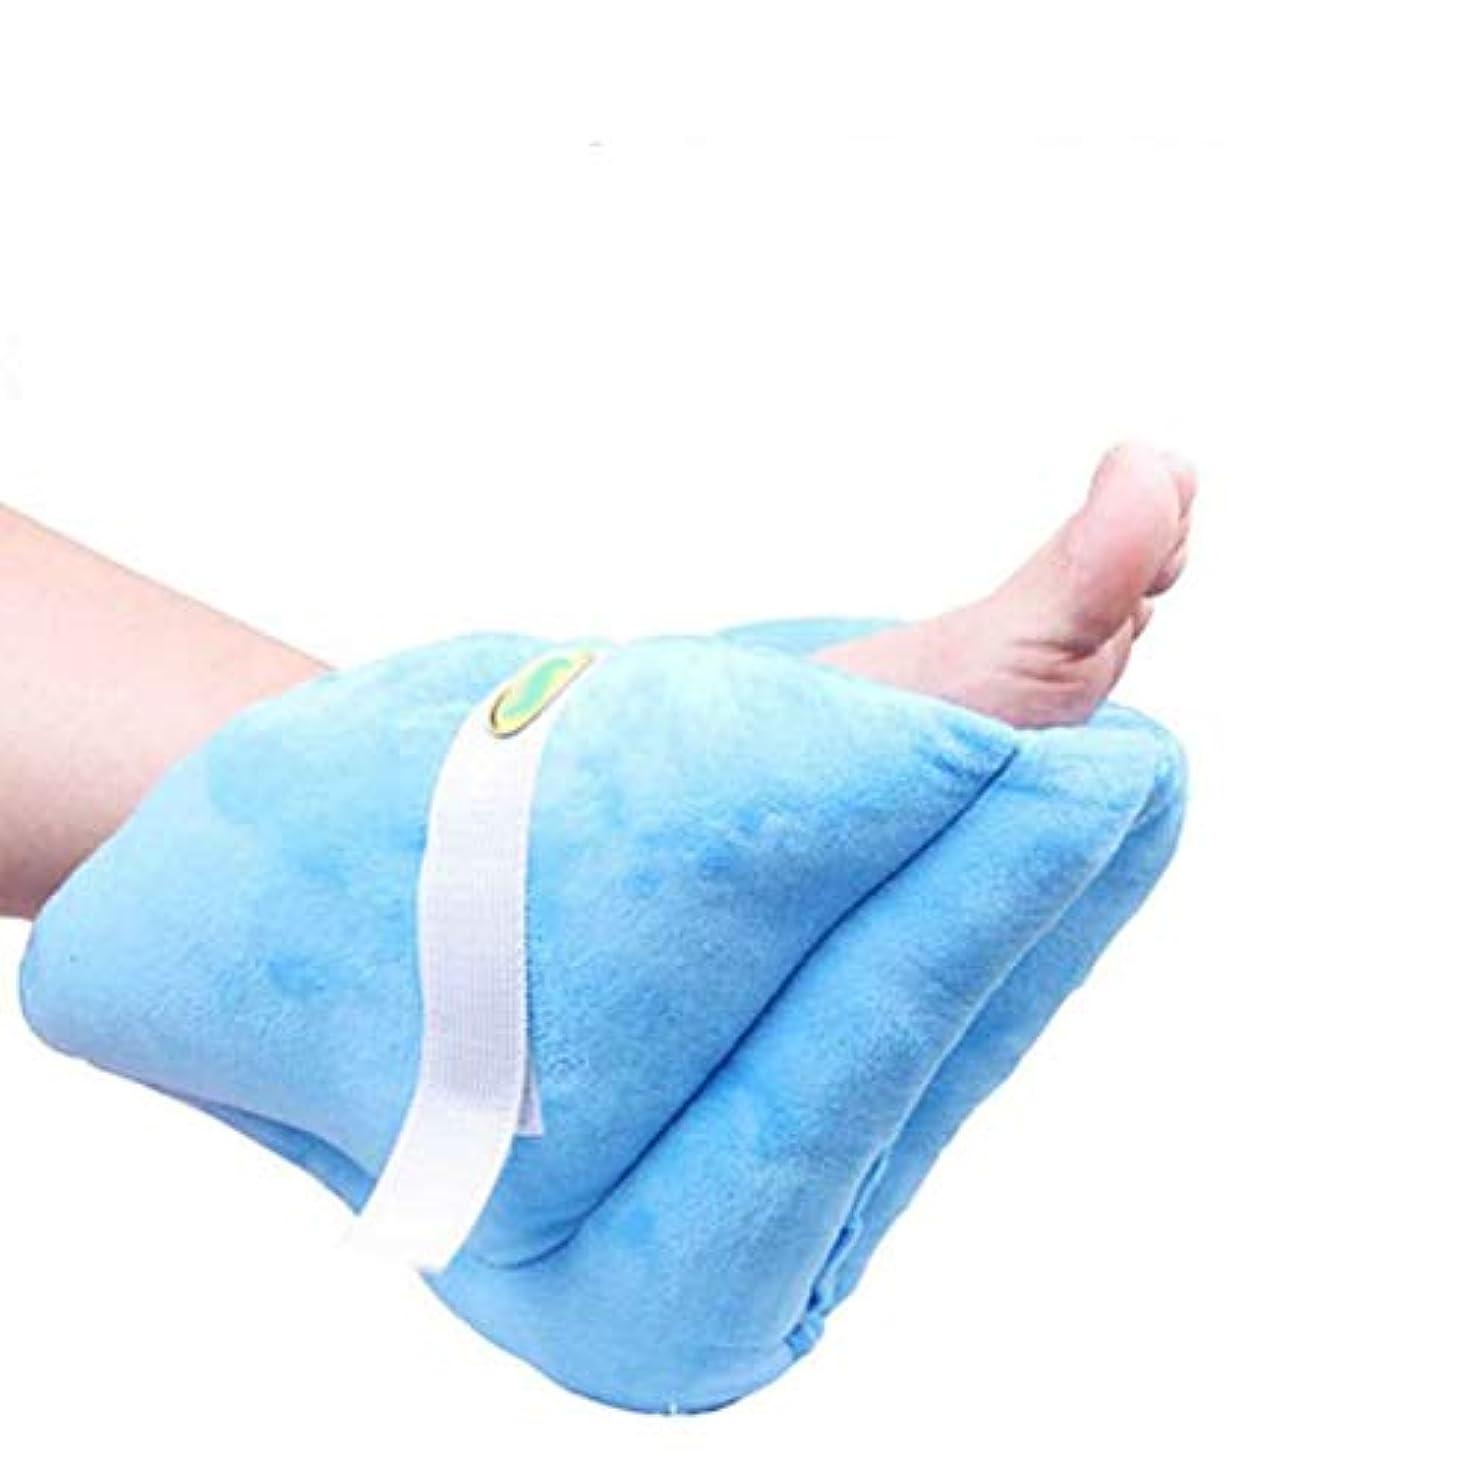 ランダム一定バンヒールクッションプロテクター - 足と足首の枕 - ヒール保護ガード - 足、肘、かかと - ベッド&褥瘡を保護します,1pc